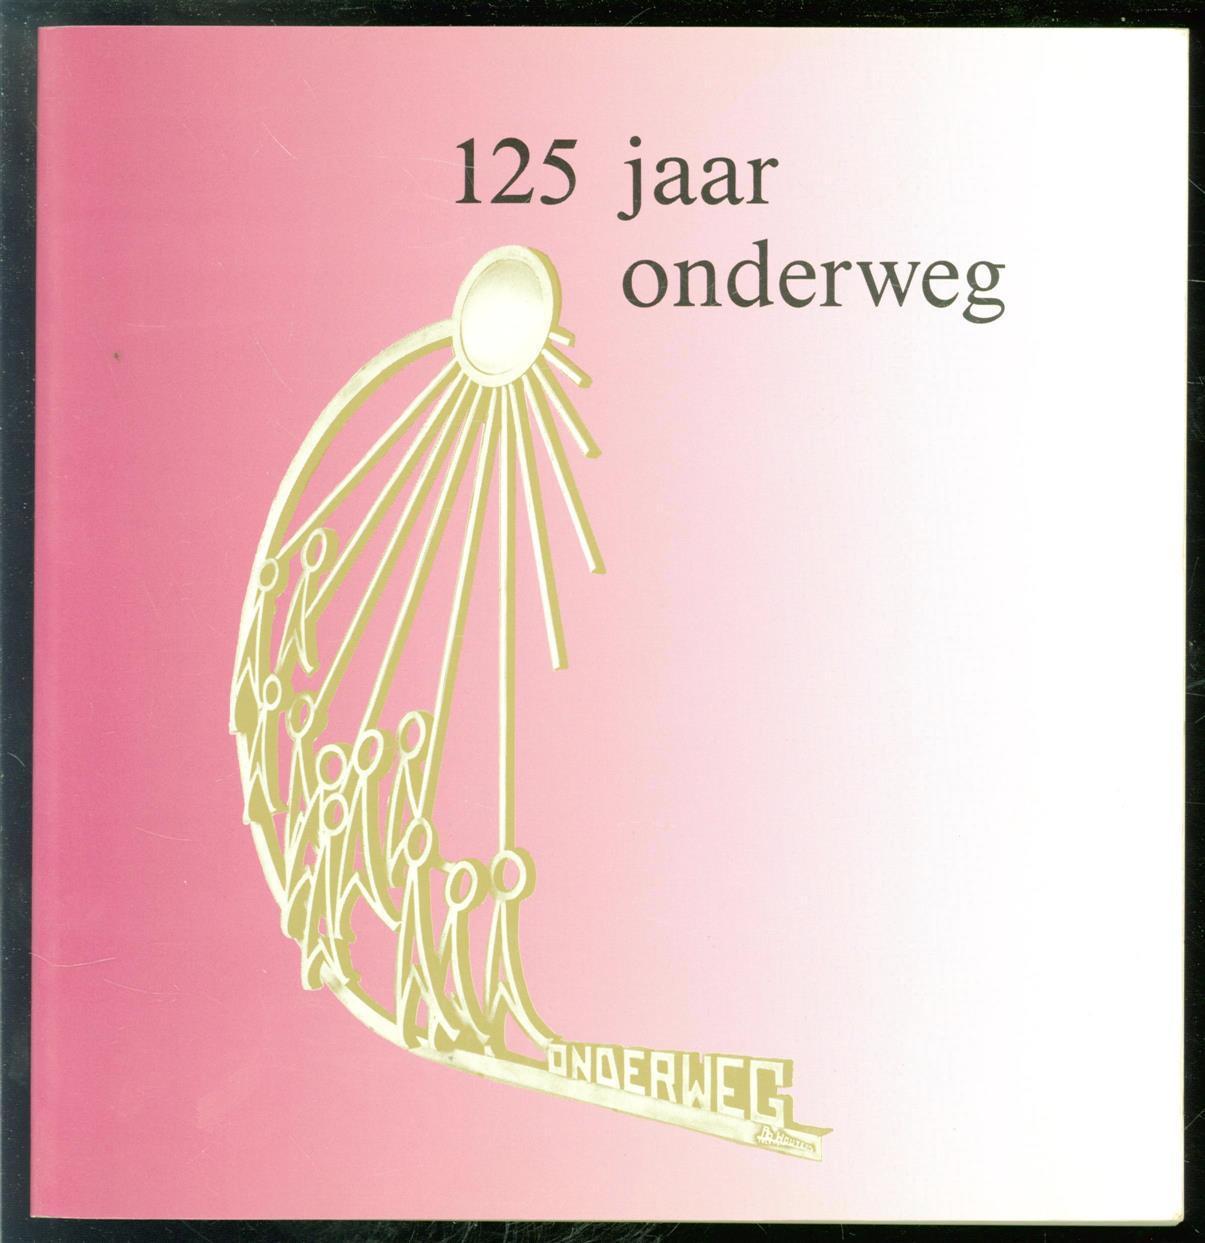 HORST, J.G. TER - 125 jaar onderweg, over de geschiedenis van het christelijk basisonderwijs in Aalten, in het bijzonder die van de Groen van Prinstererschool en Wilhelminaschool